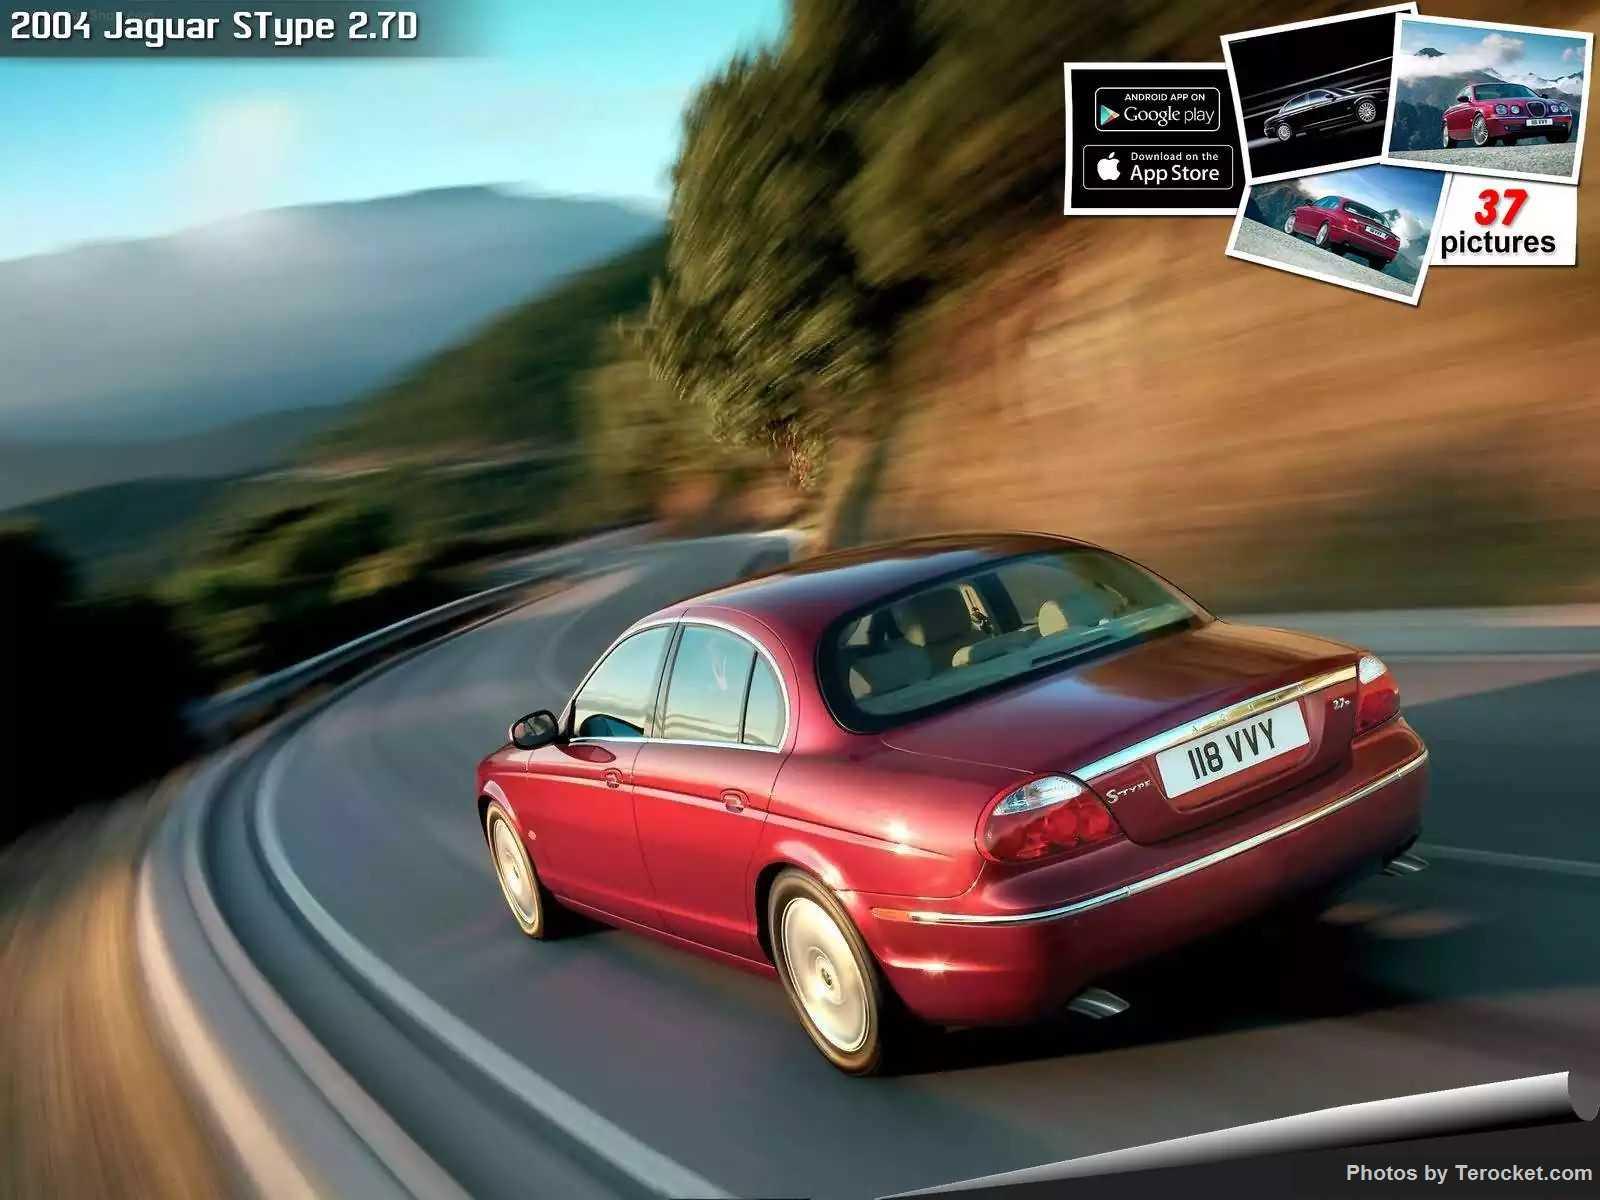 Hình ảnh xe ô tô Jaguar SType 2.7D 2004 & nội ngoại thất